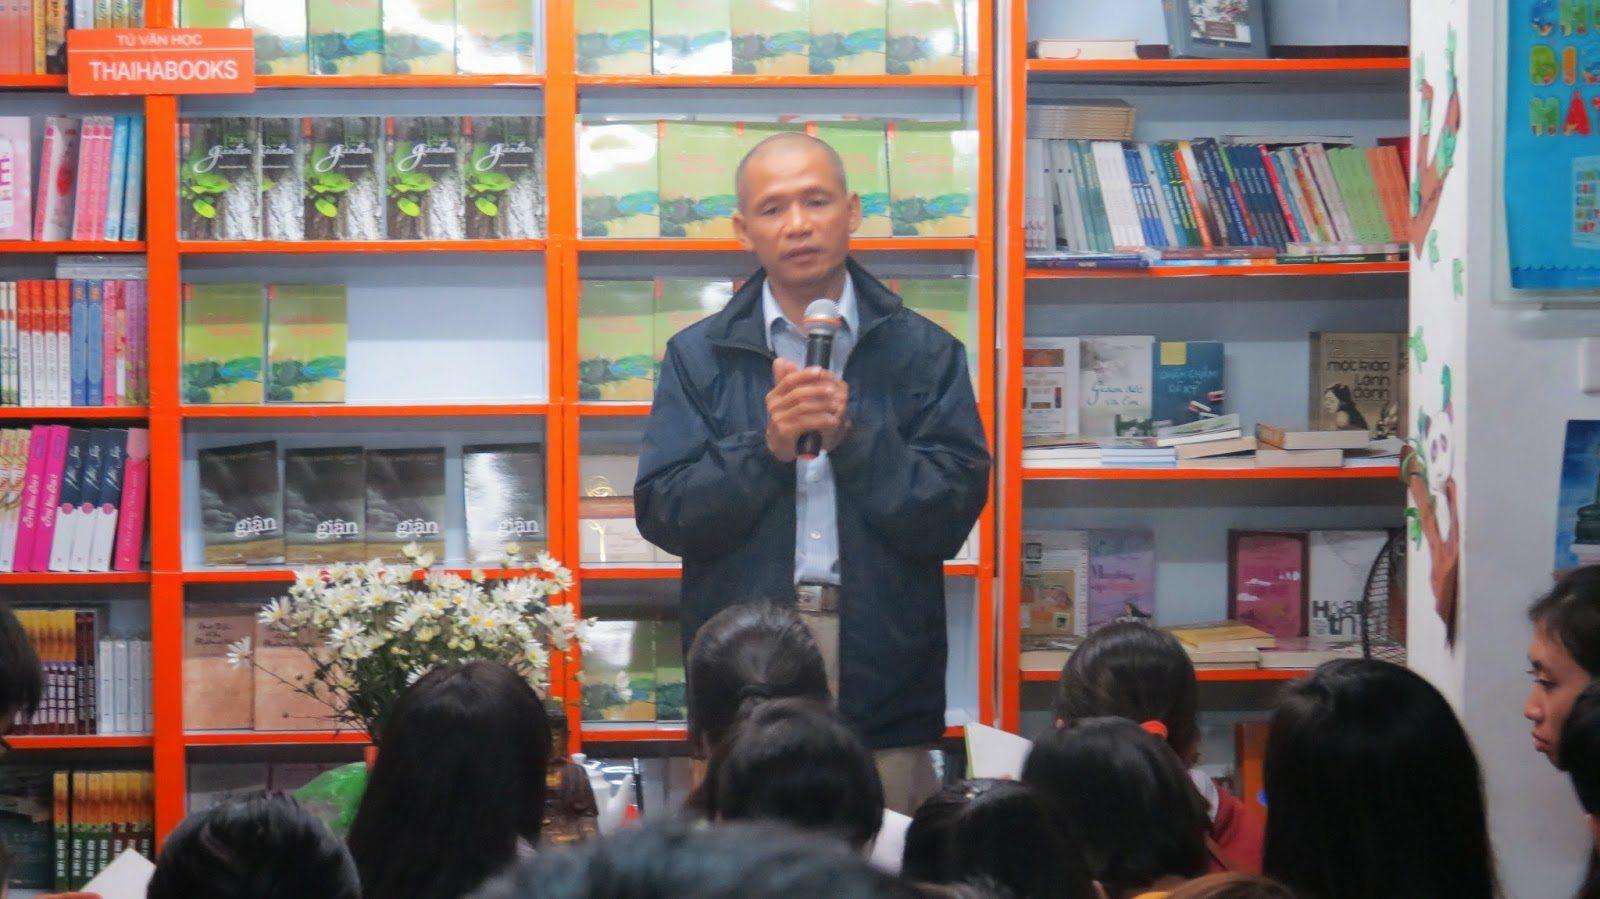 Giao lưu cùng TS. Nguyễn Mạnh Hùng với chủ đề Gieo trồng hạnh phúc